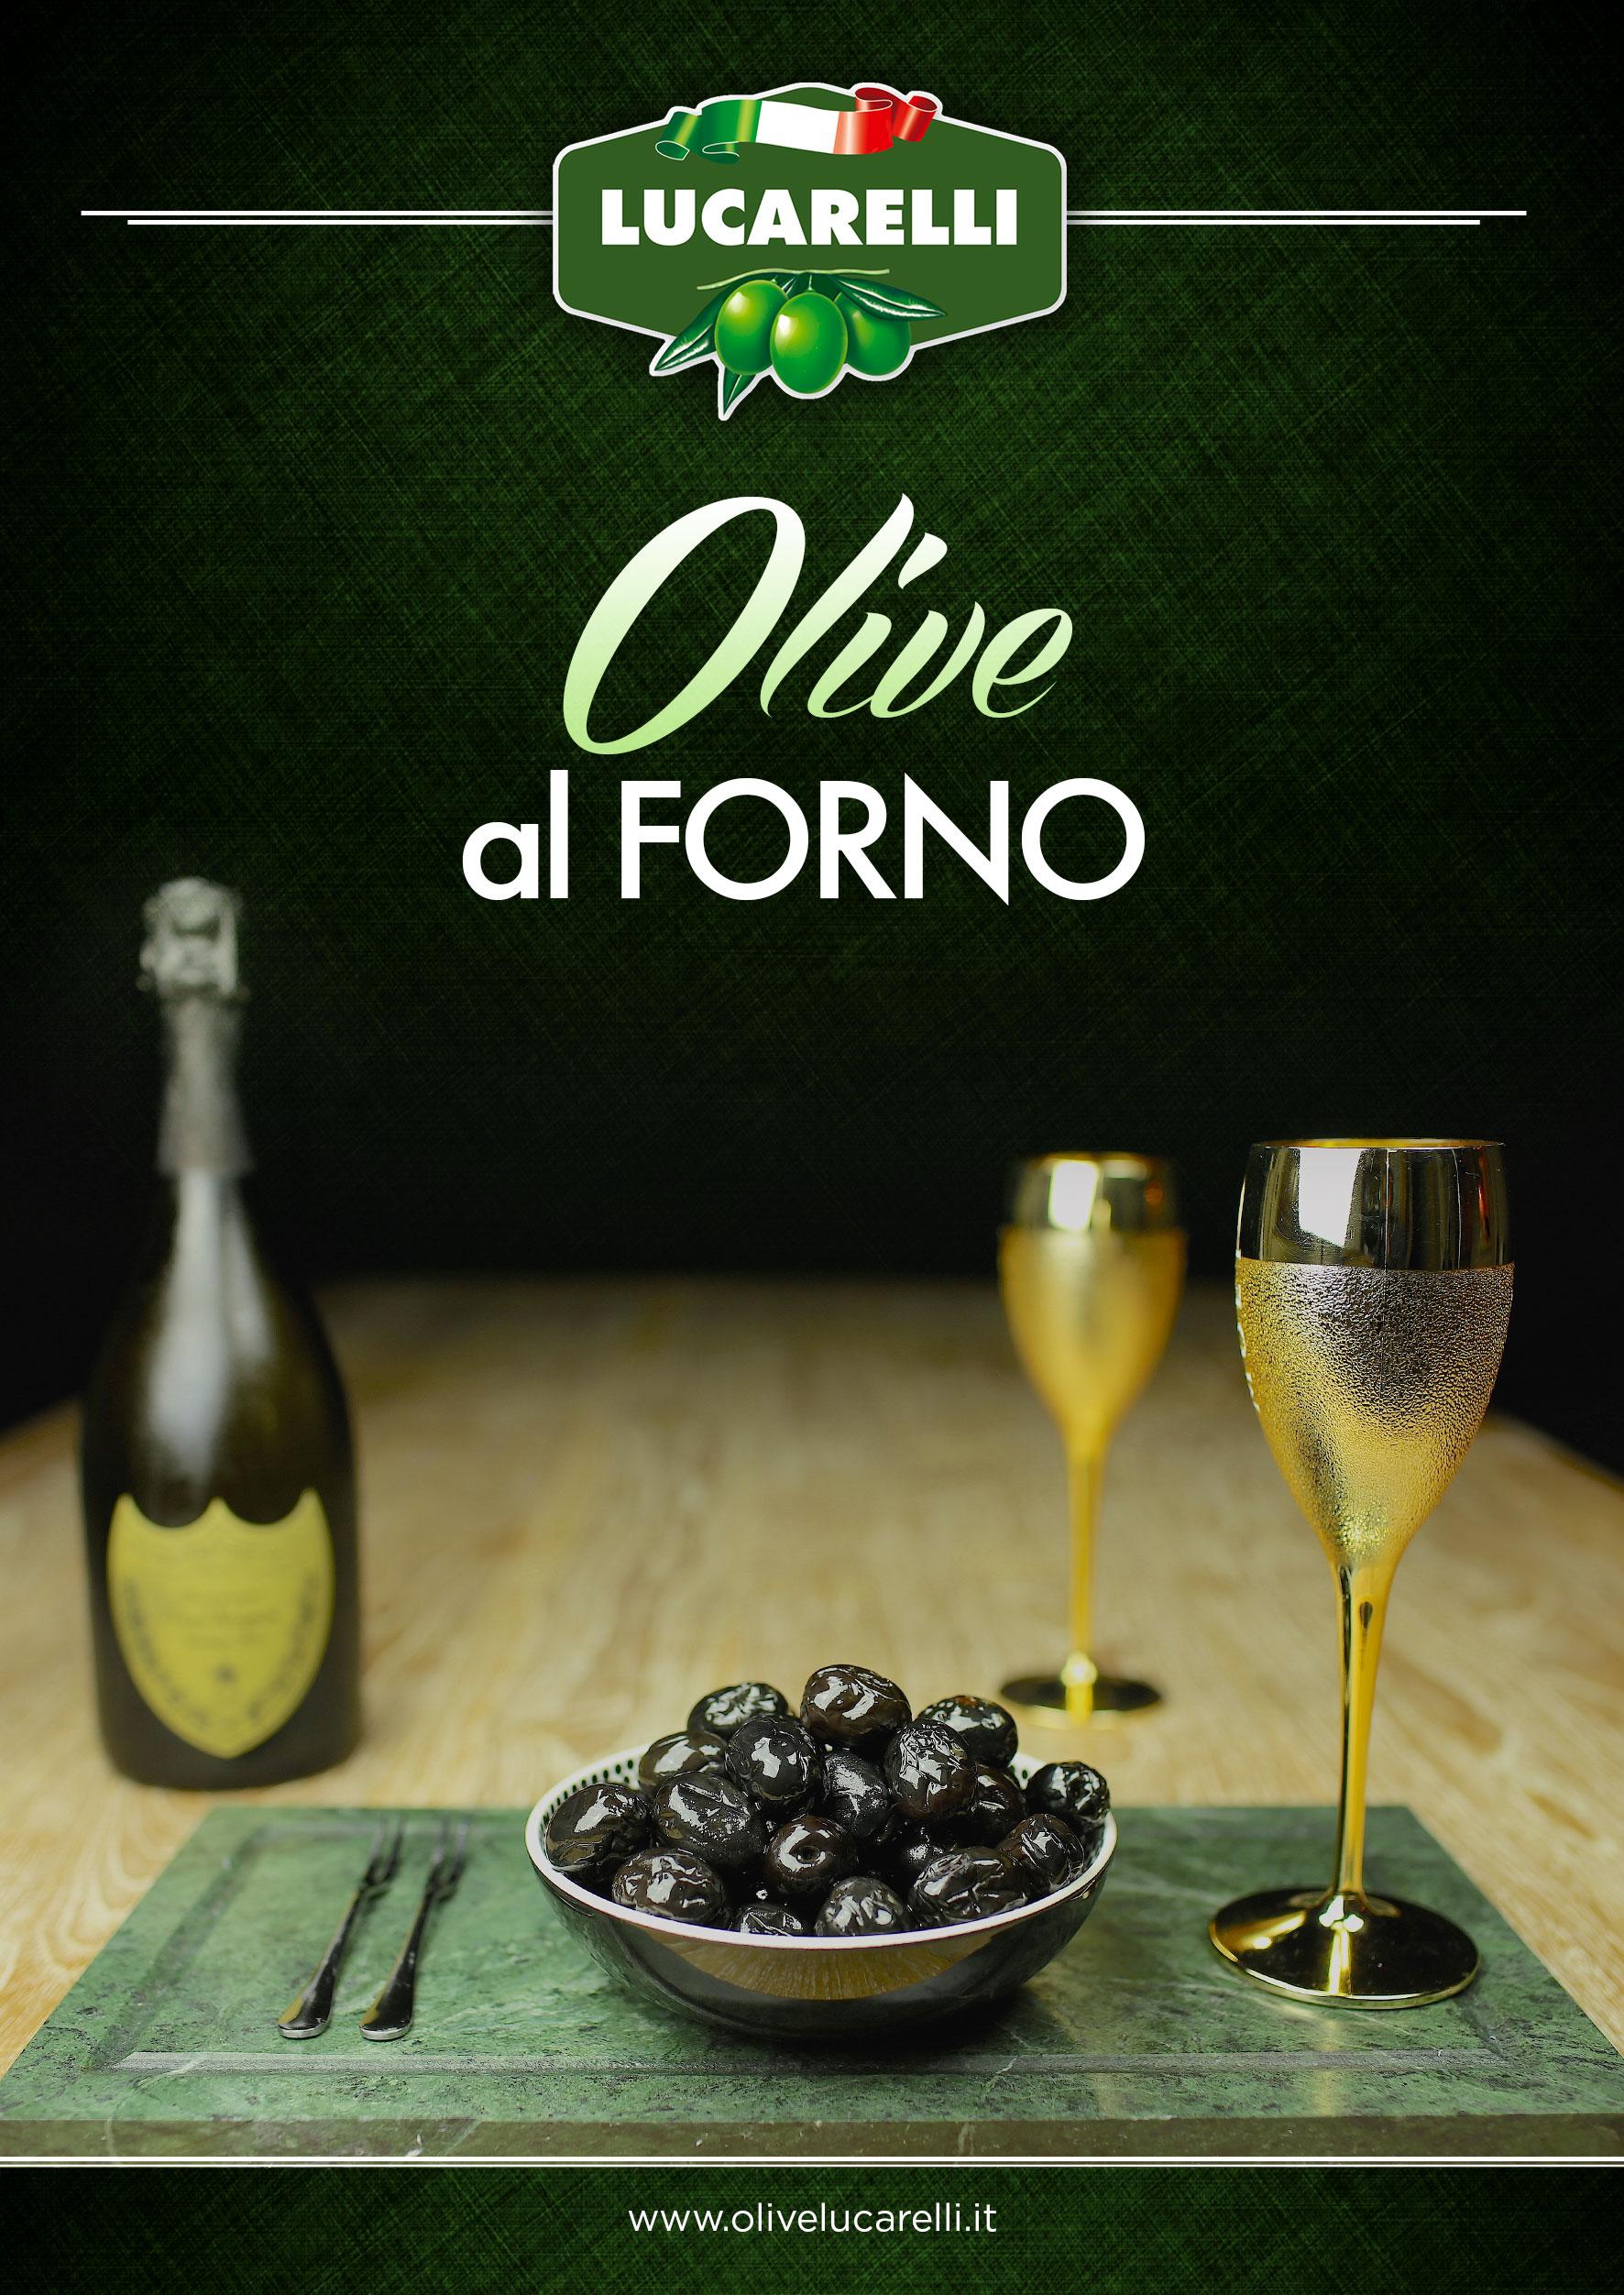 olive_daforno